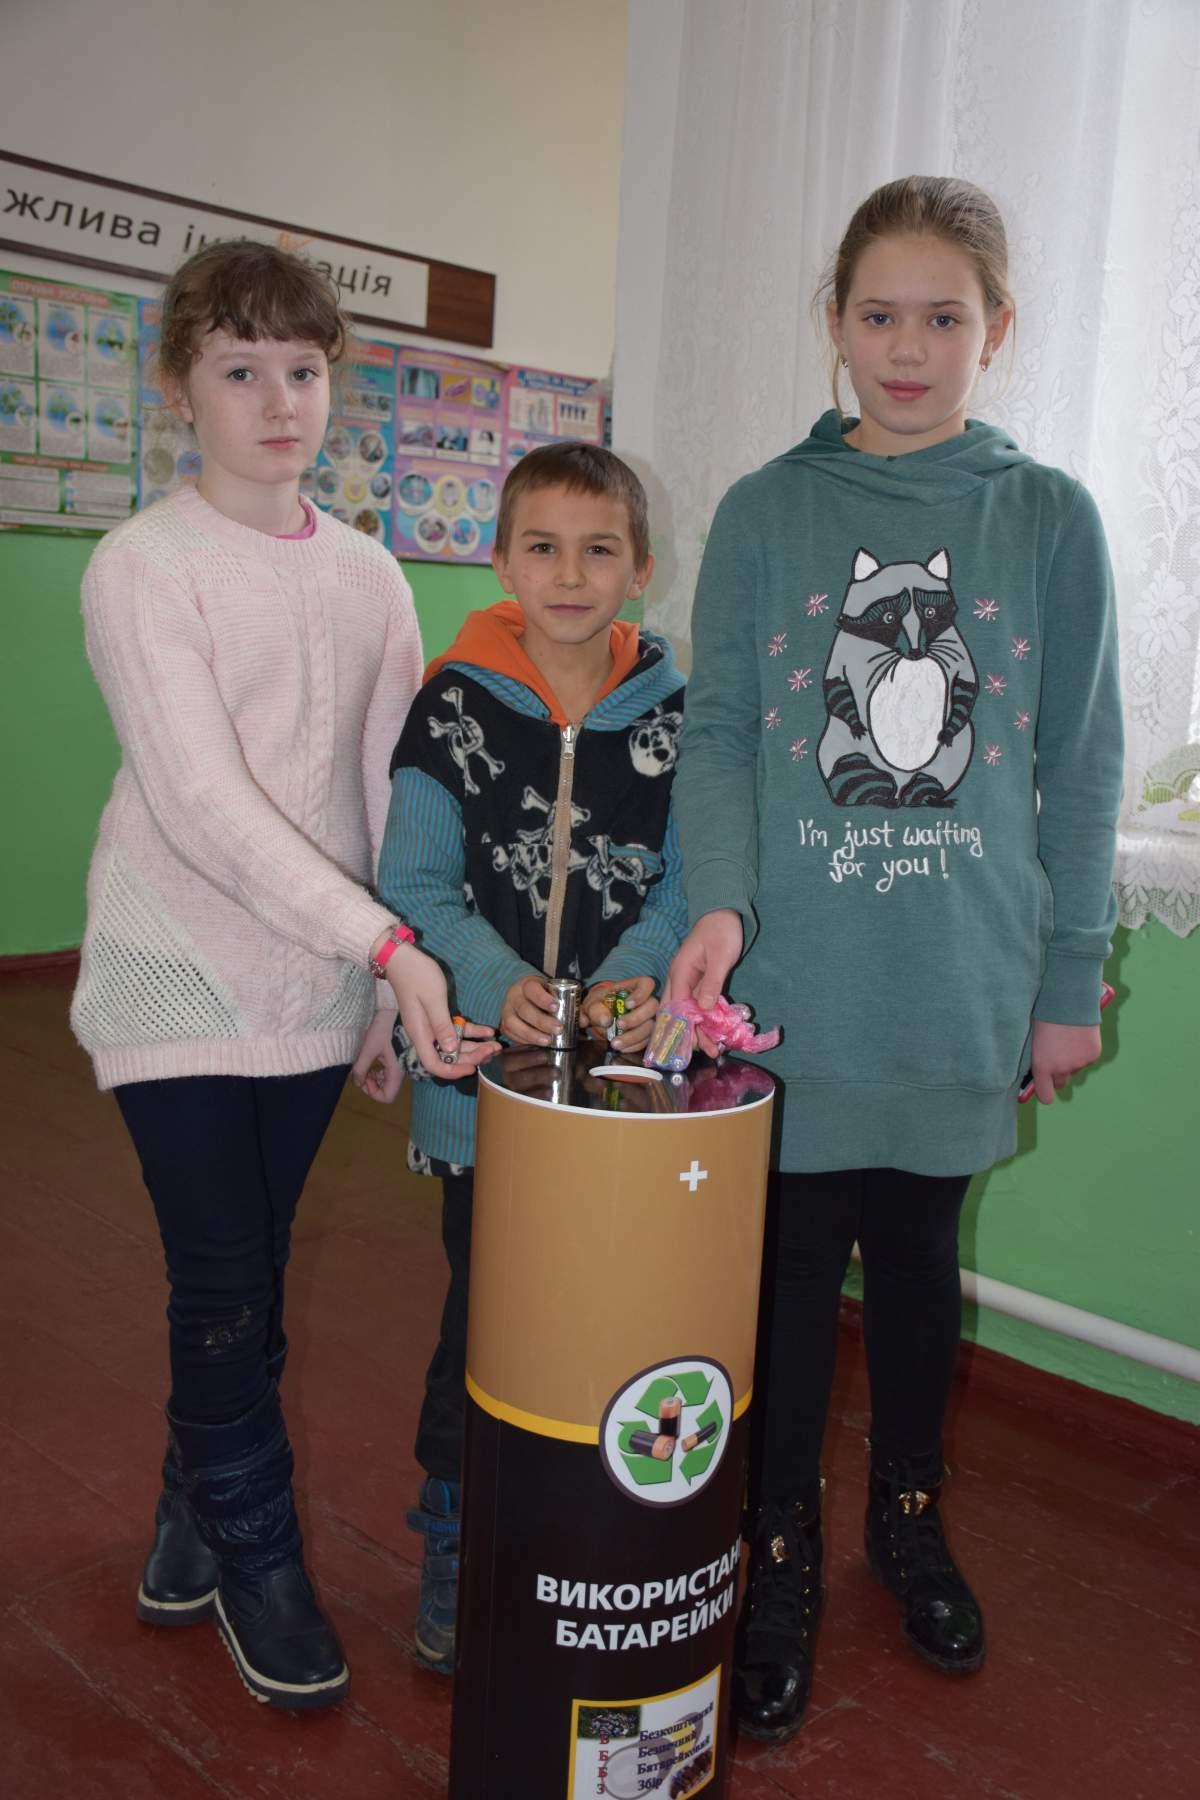 Контейнери для відпрацьованих батарейок з'явились у школах сіл Лебедин та Кримки (фото)